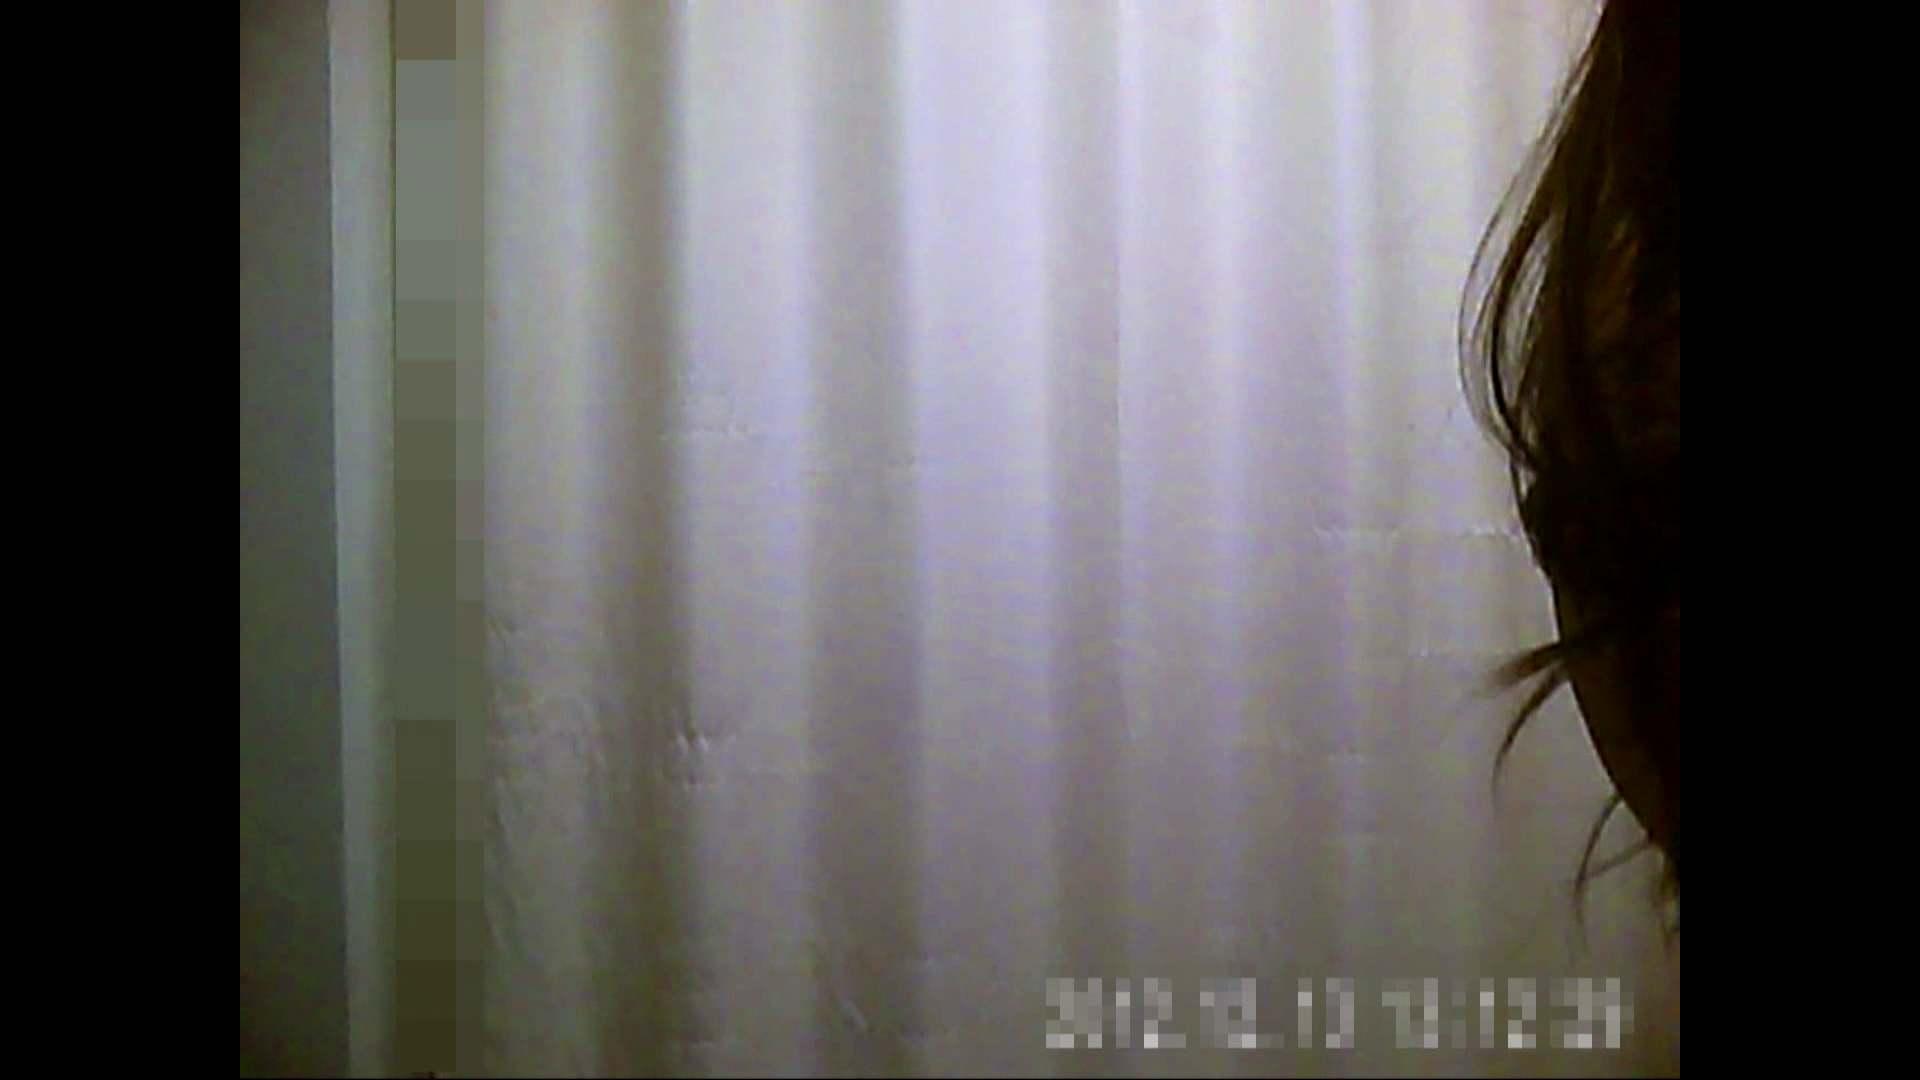 トイレ盗撮|元医者による反抗 更衣室地獄絵巻 vol.119|怪盗ジョーカー